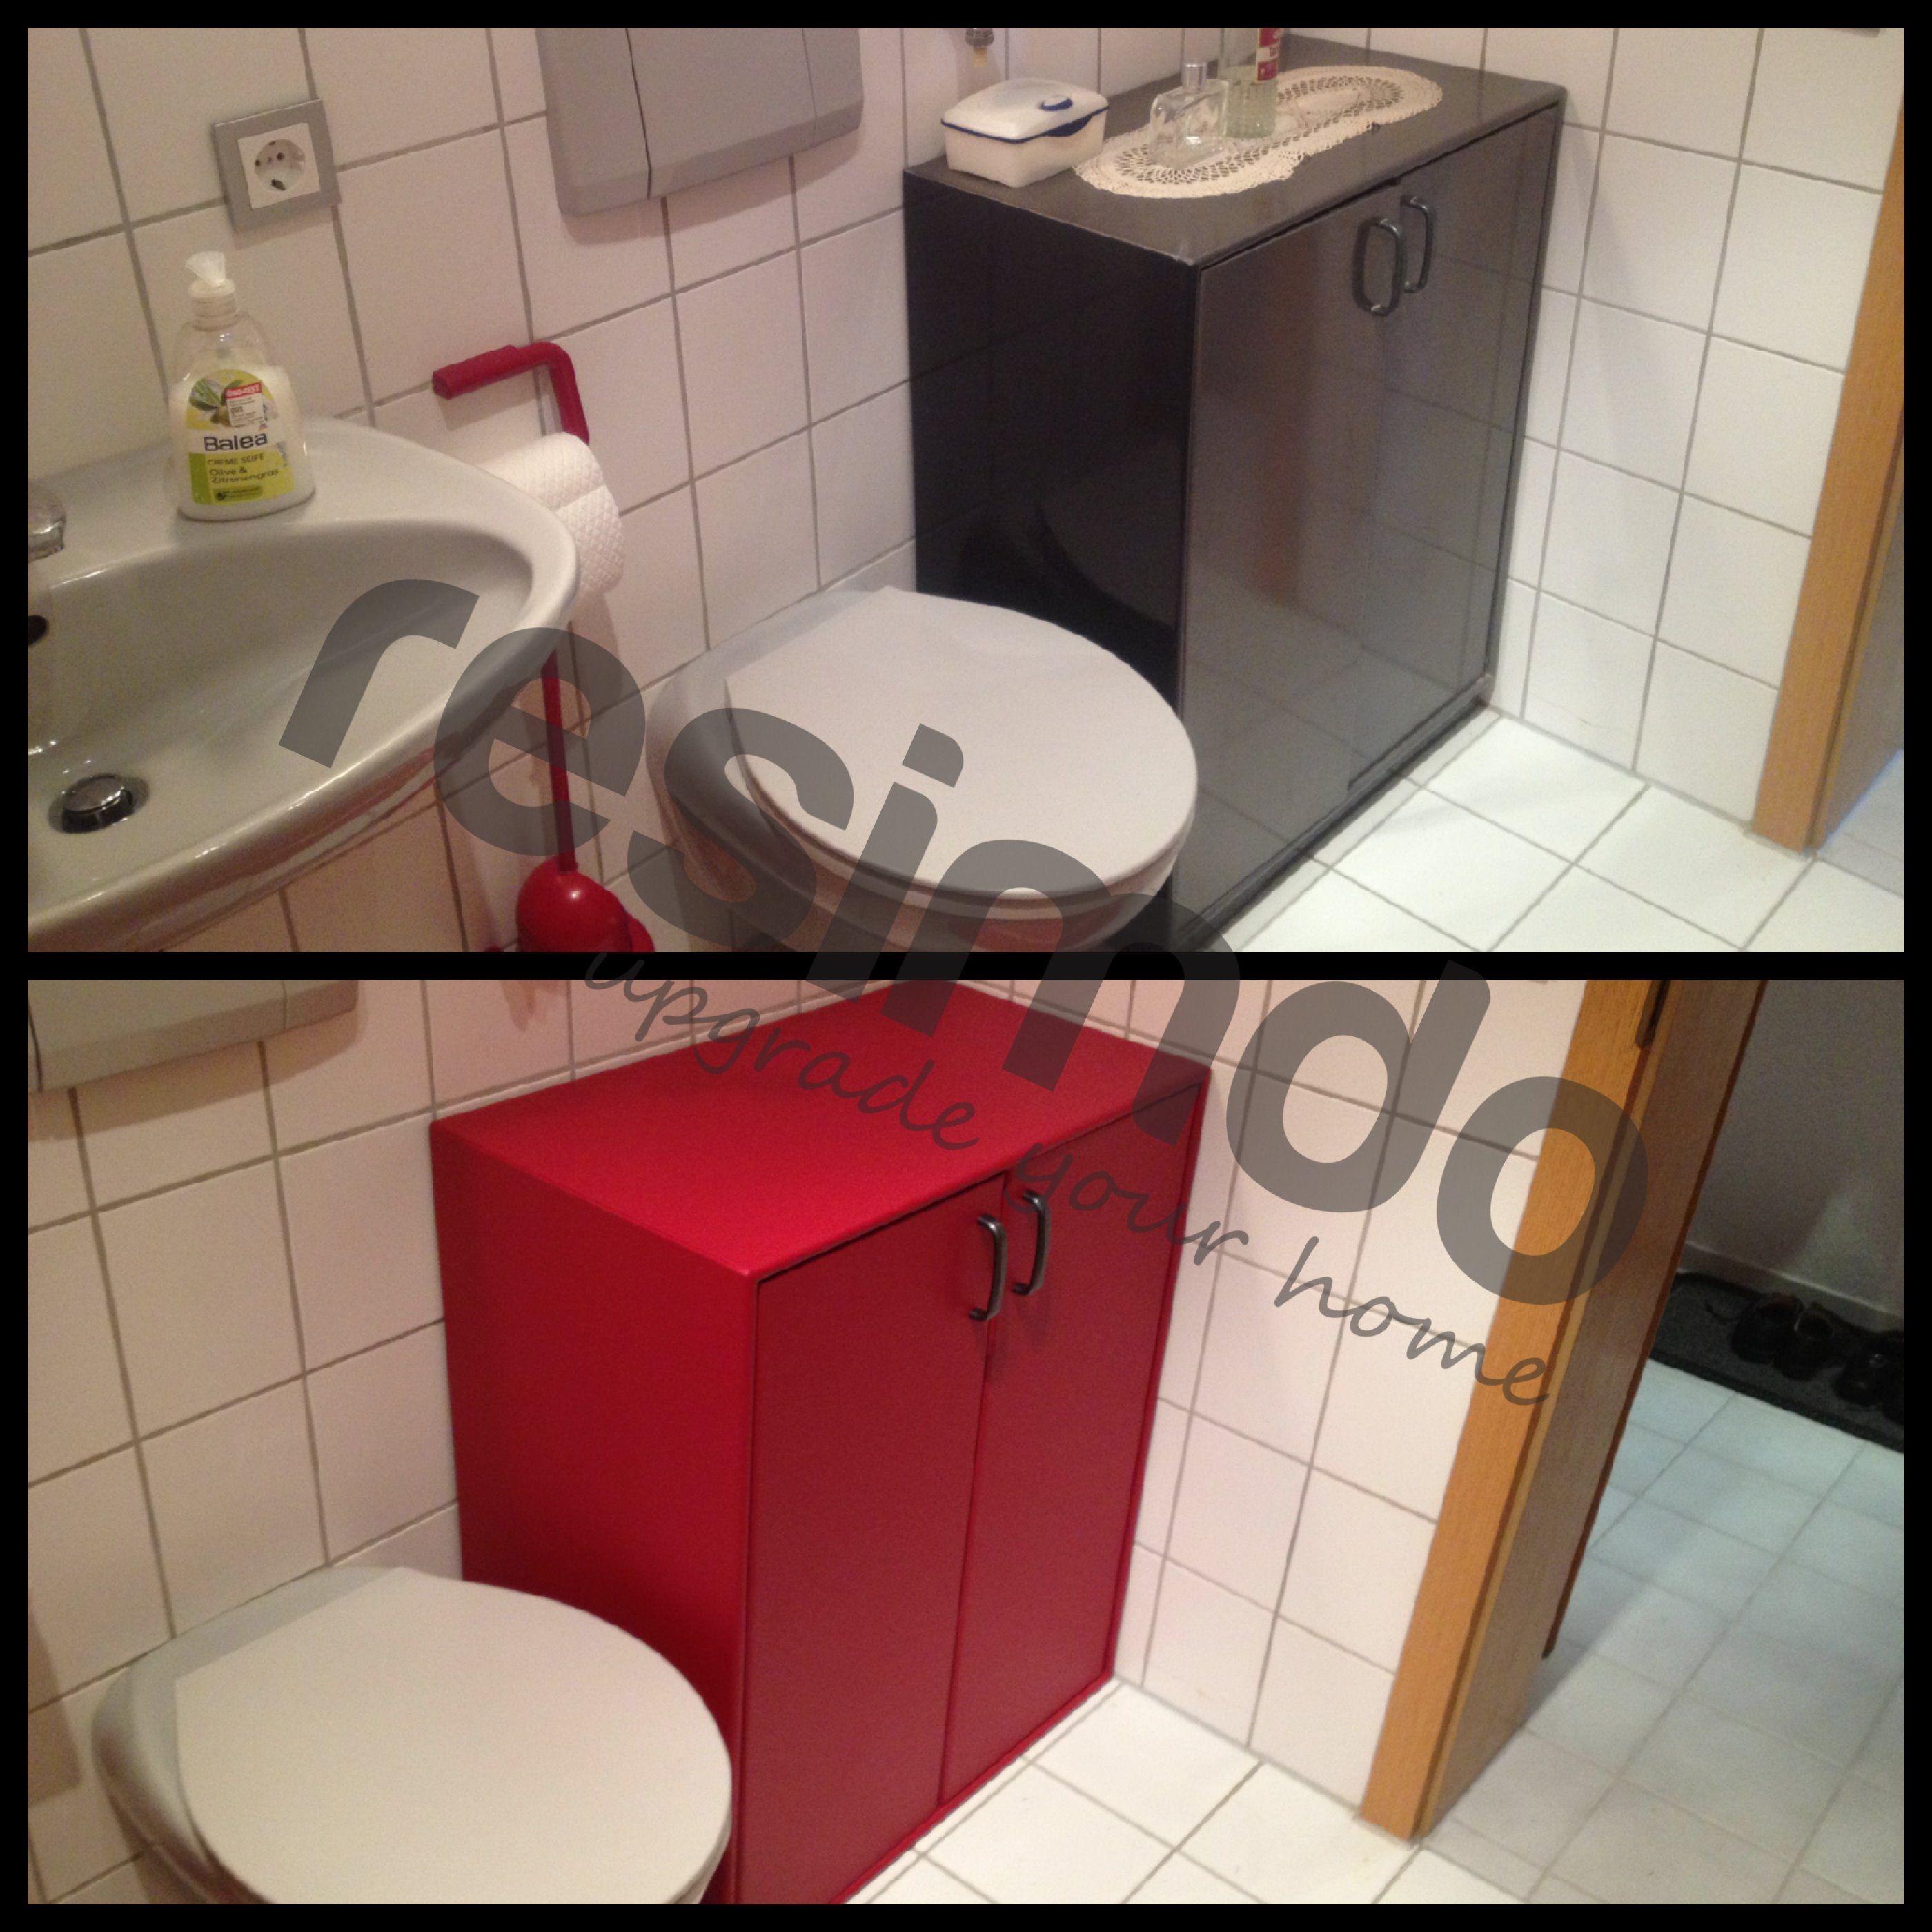 Badezimmer Renovieren Rot Mobel Folie Upcycling Schonerwohnen Interior Diy Homediy Heimwerken Badezimmer Renovieren Bad Renovieren Kosten Badezimmer